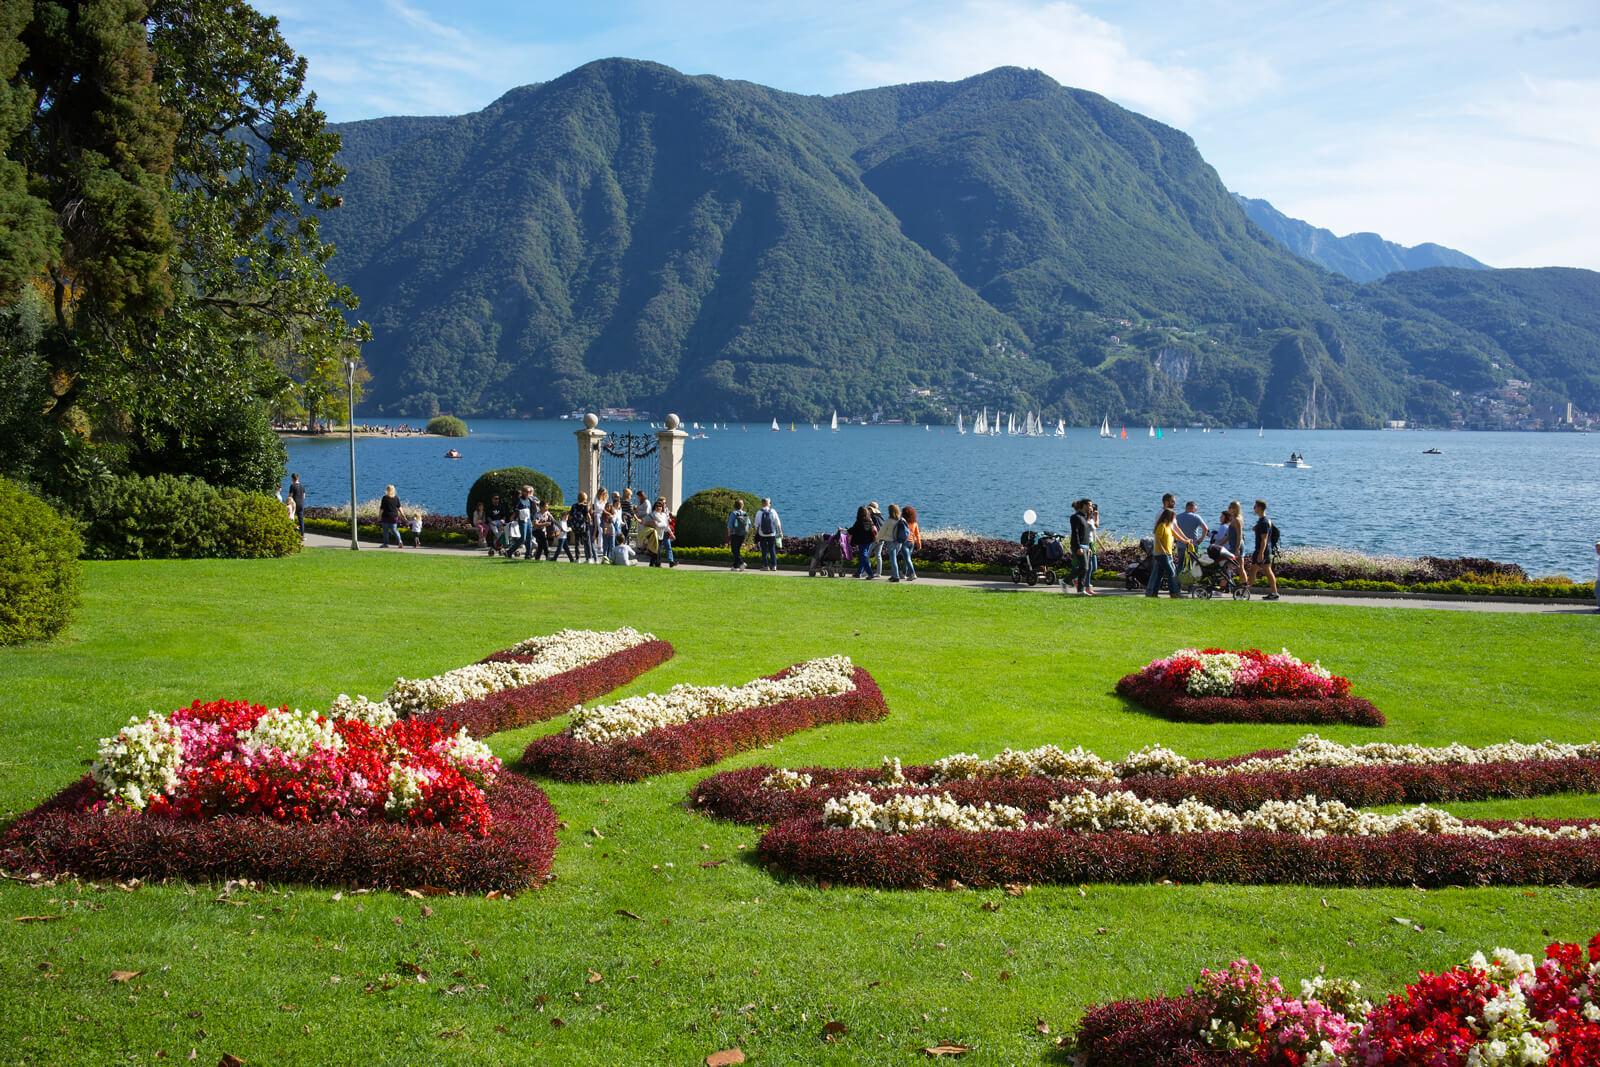 Lugano Lakeside during Autumn